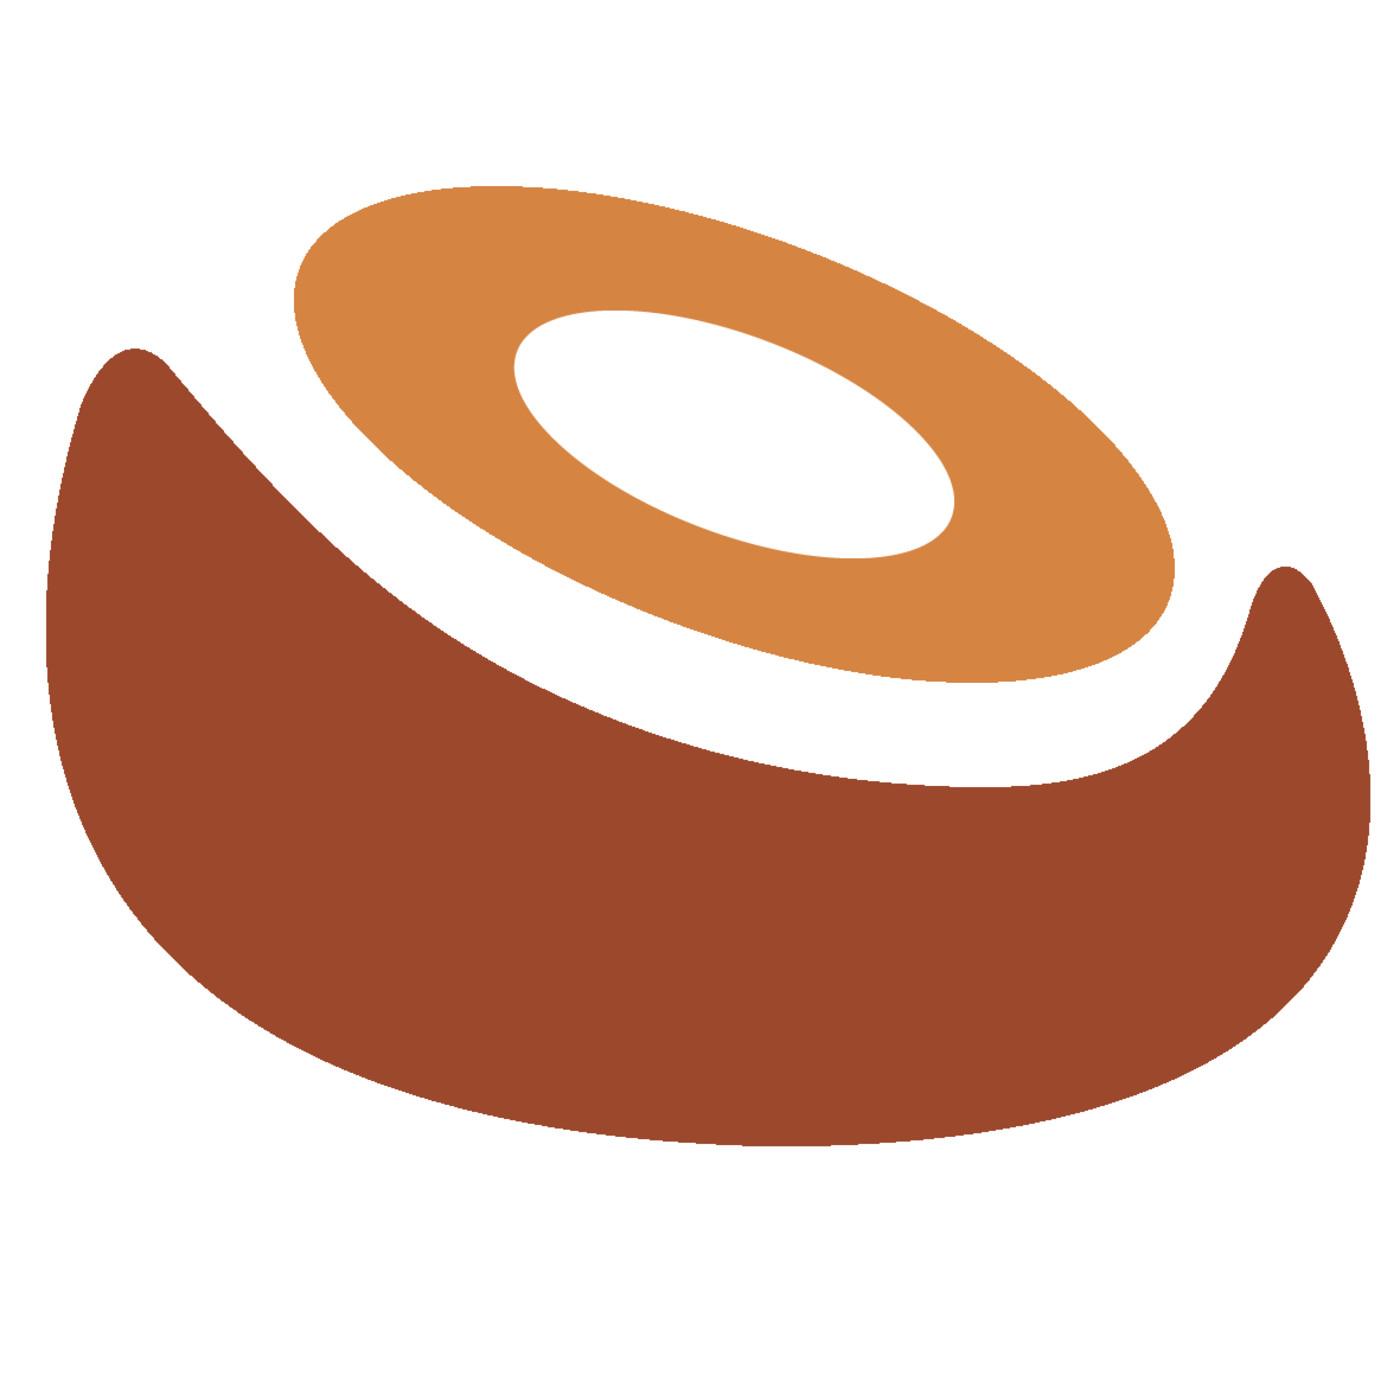 Cinnamon Rol